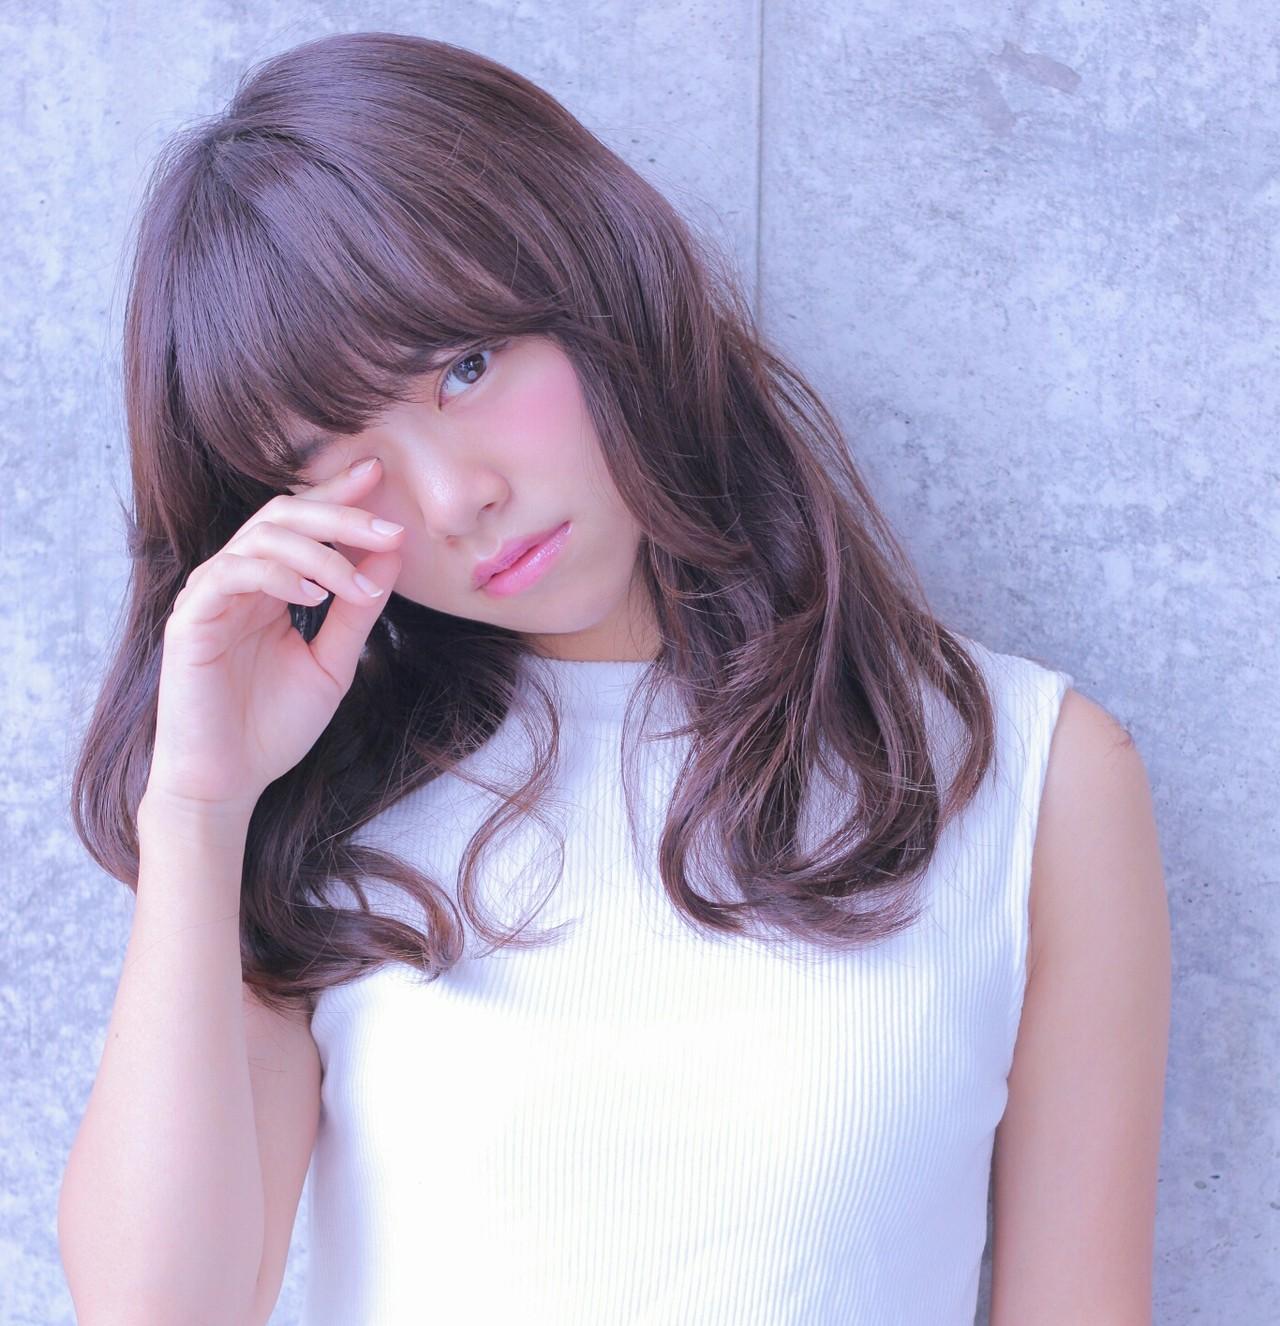 ラベンダーアッシュなあなたの髪色を旬に♪うっとり色落ちを楽しもう Wataru Maeda / cache cache